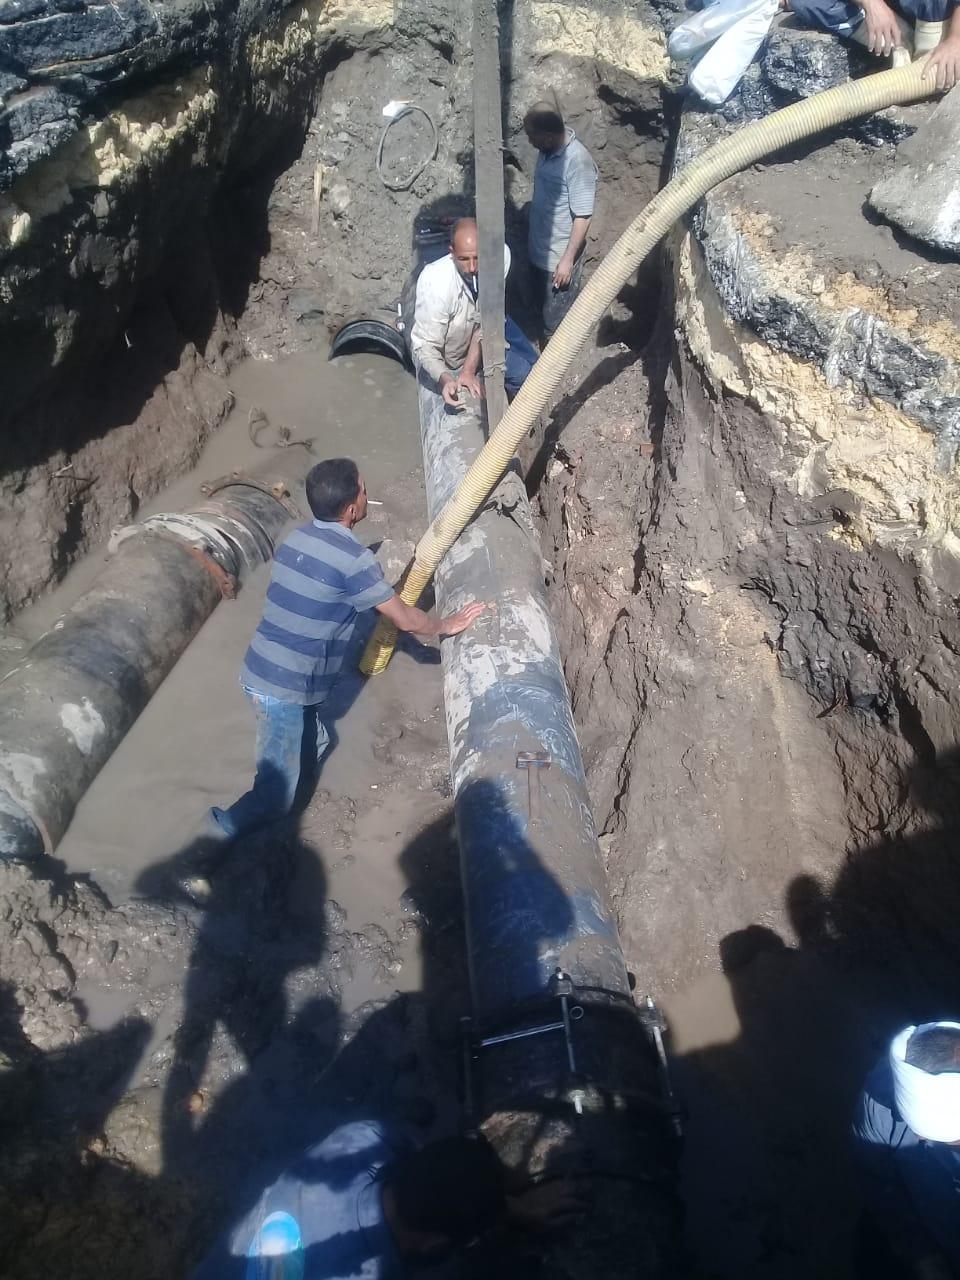 فريق صيانة لإصلاح كسر خط المياه بمنطقة الحادقة (3)